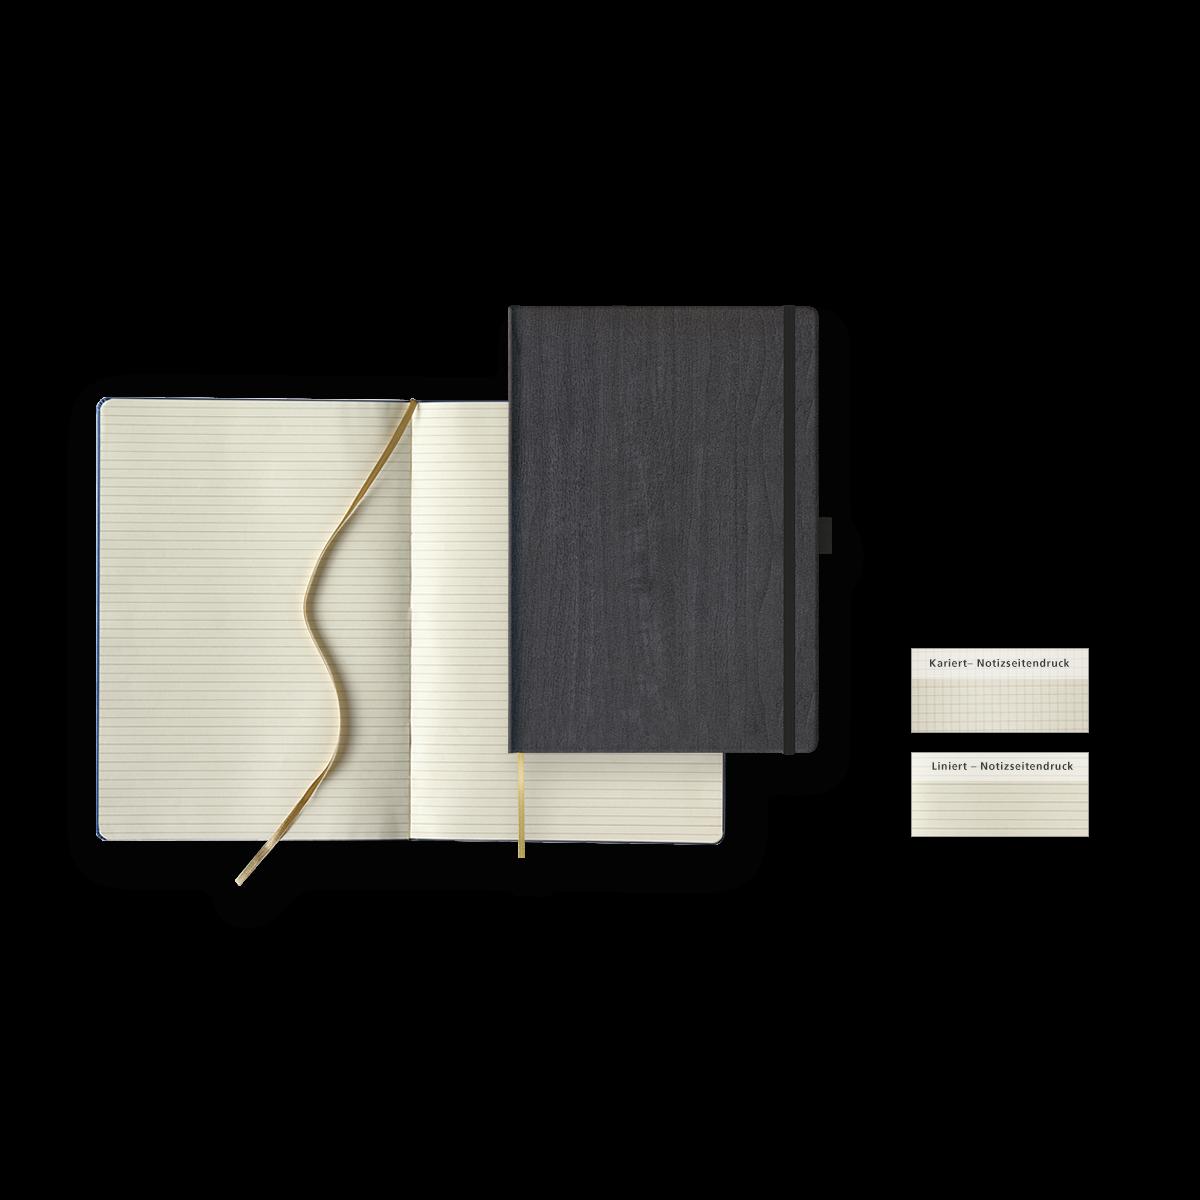 Notizbuch Modell Ivory Notebook A4